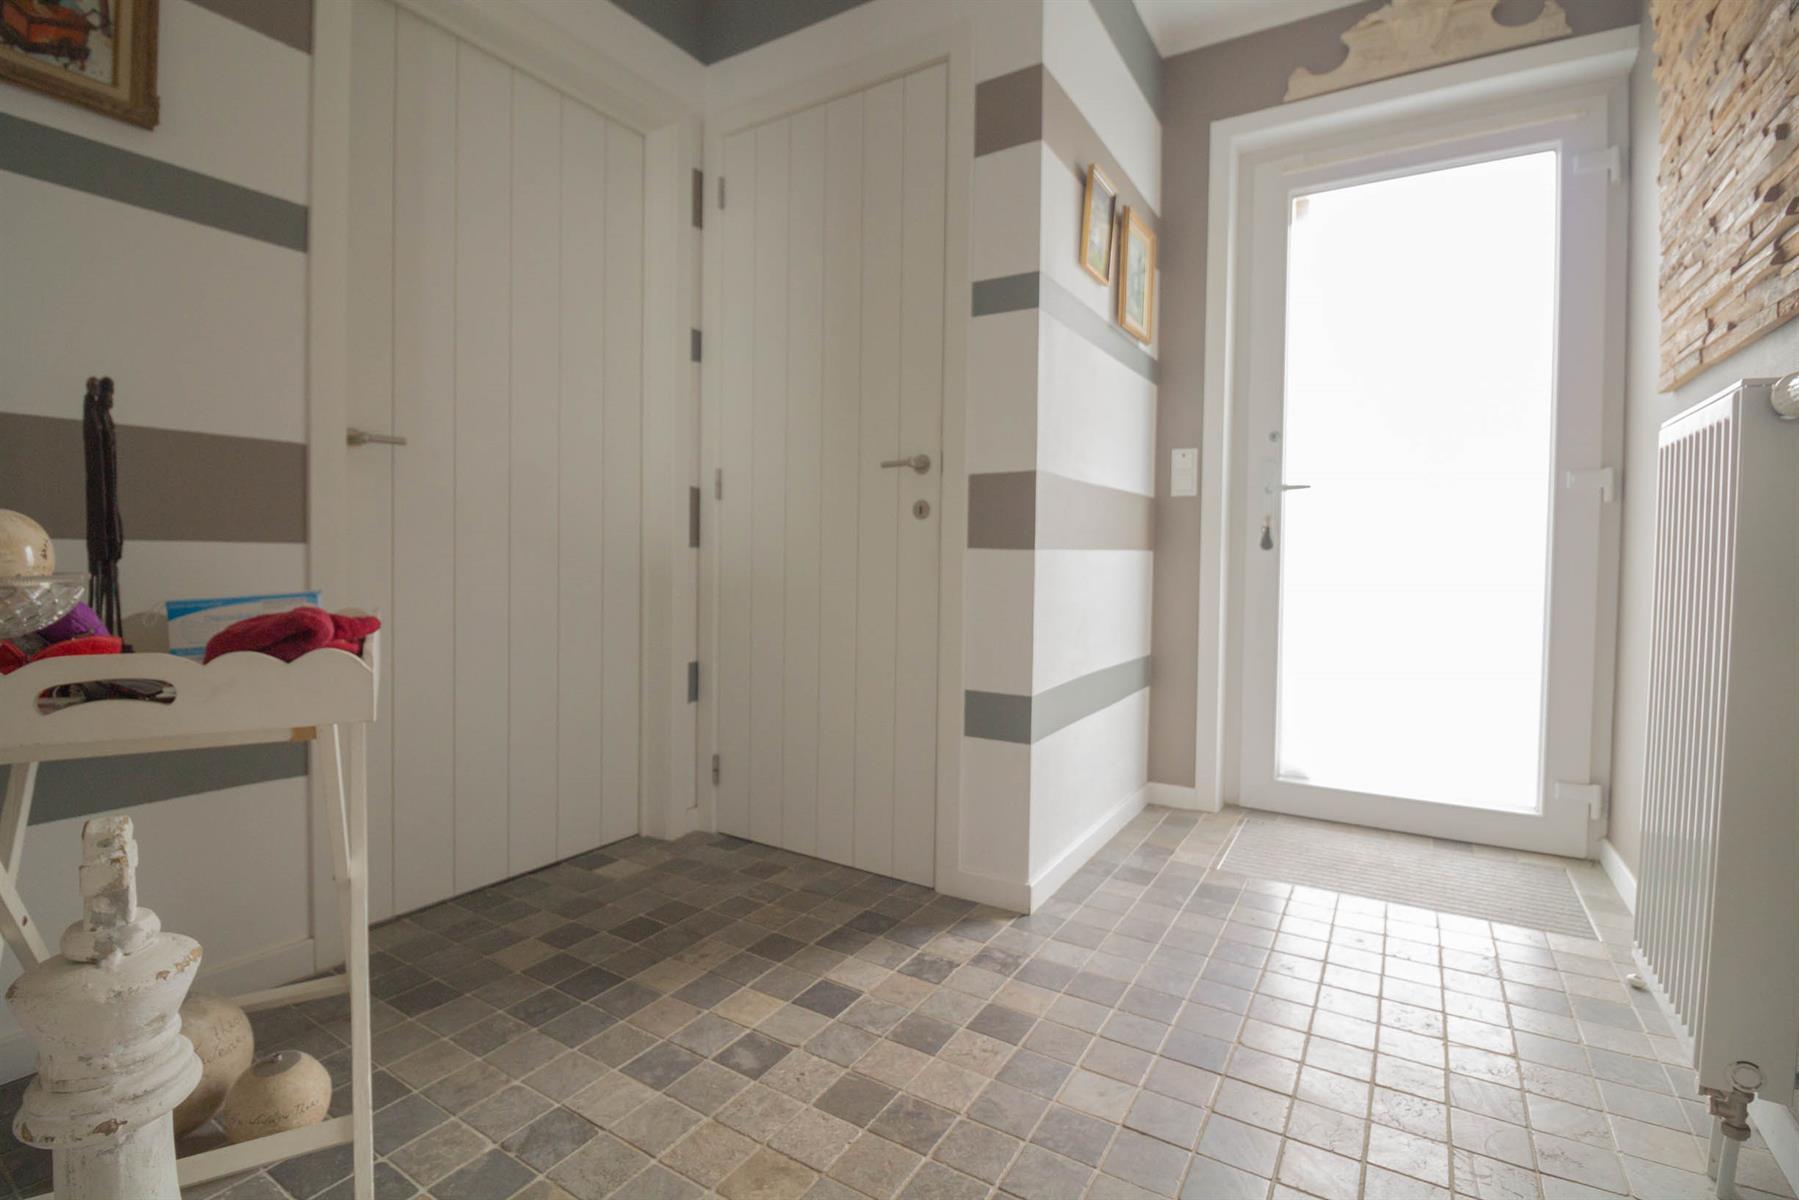 Maison - Mont-Sainte-Aldegonde - #4098322-1